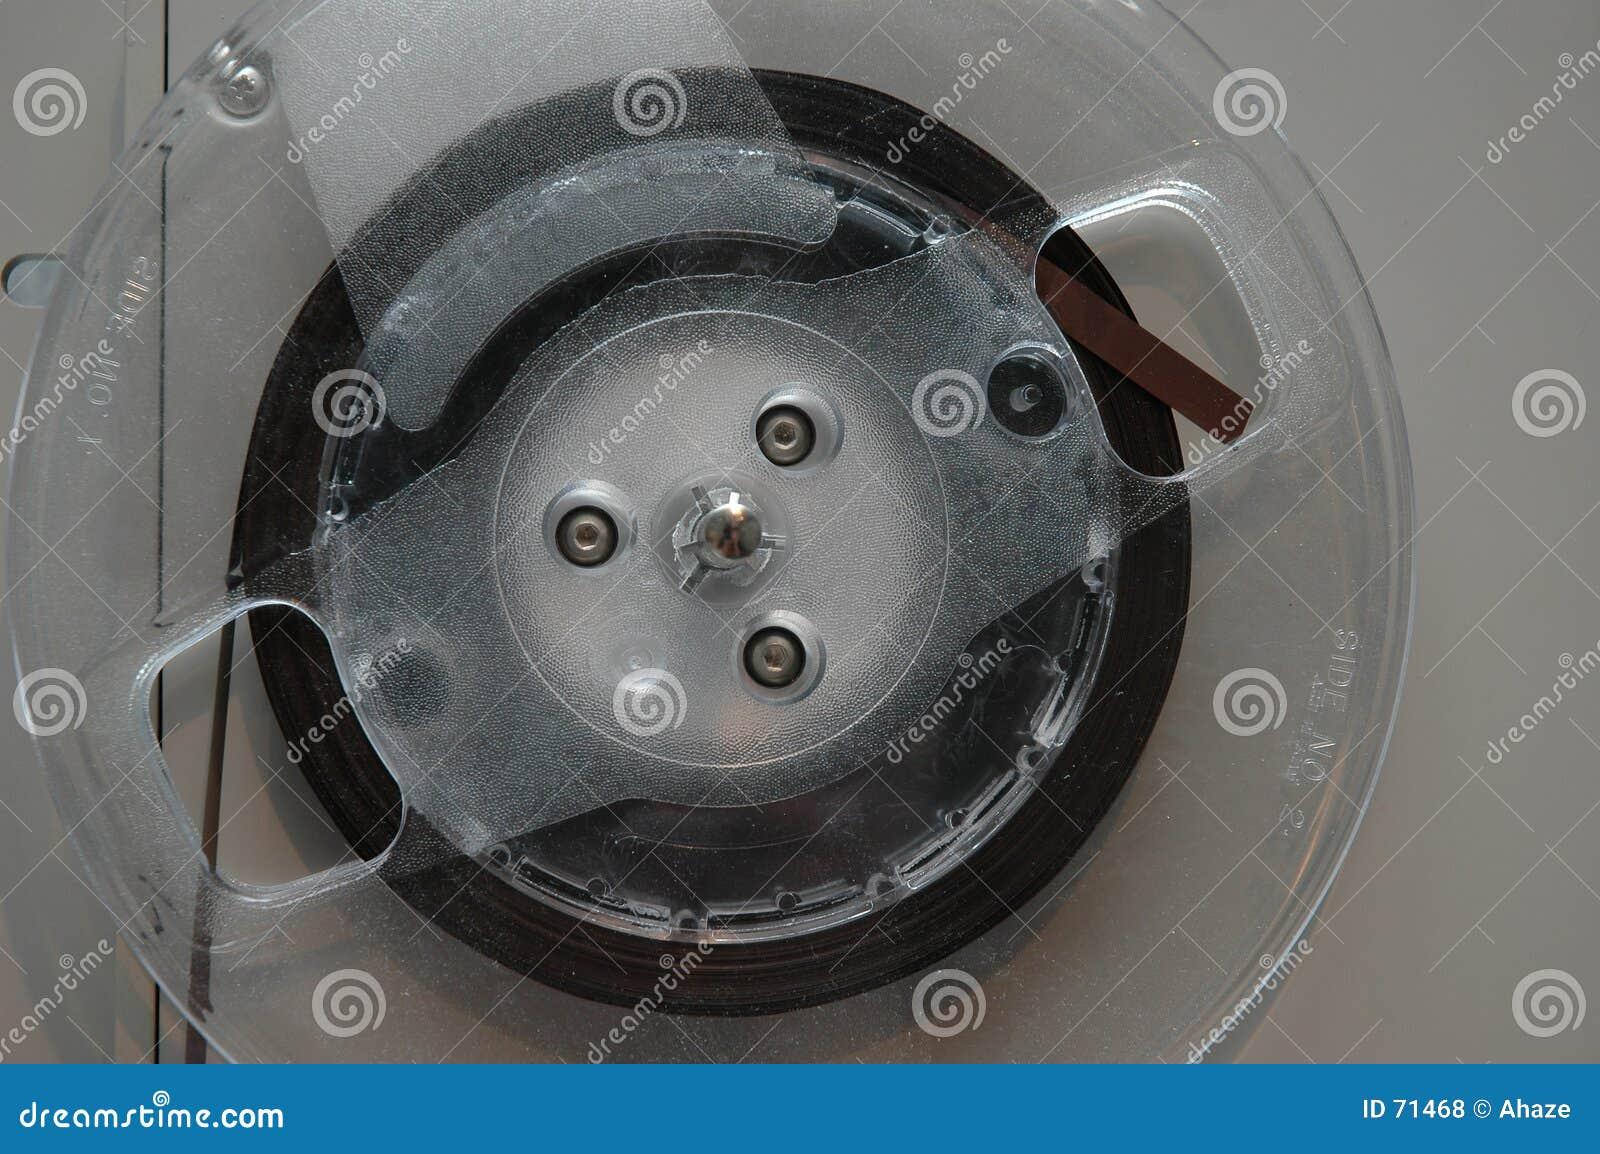 Reel tape closeup